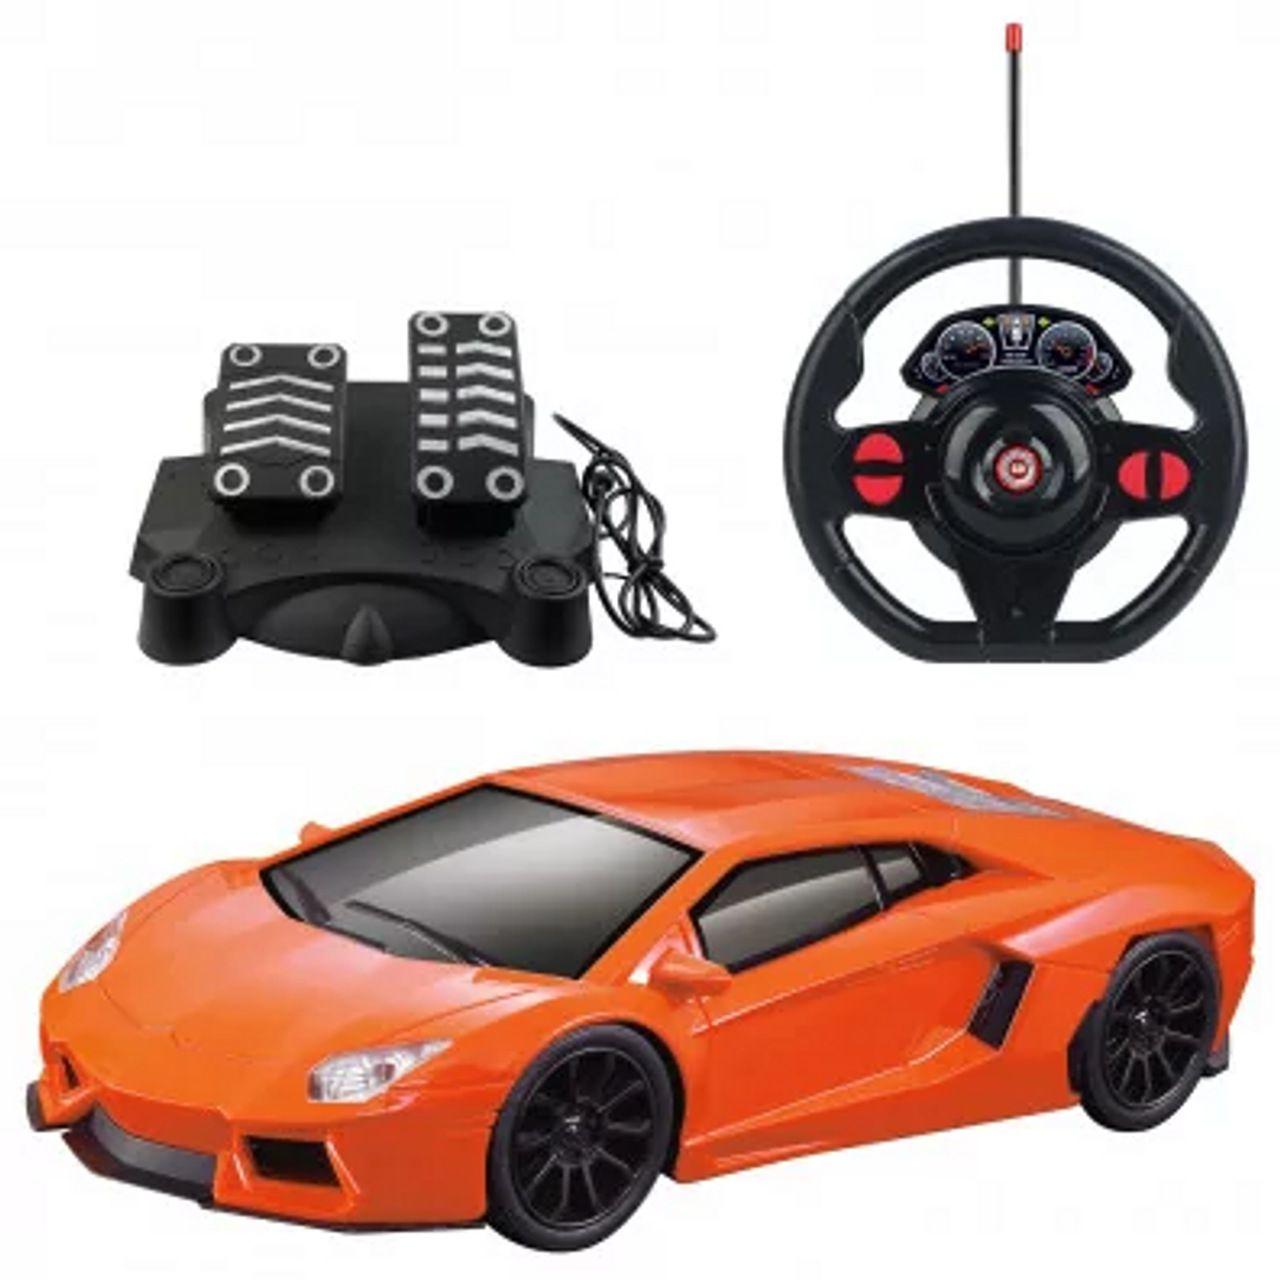 Carrinho Controle Remoto - Racing Nitro - Multikids BR1144